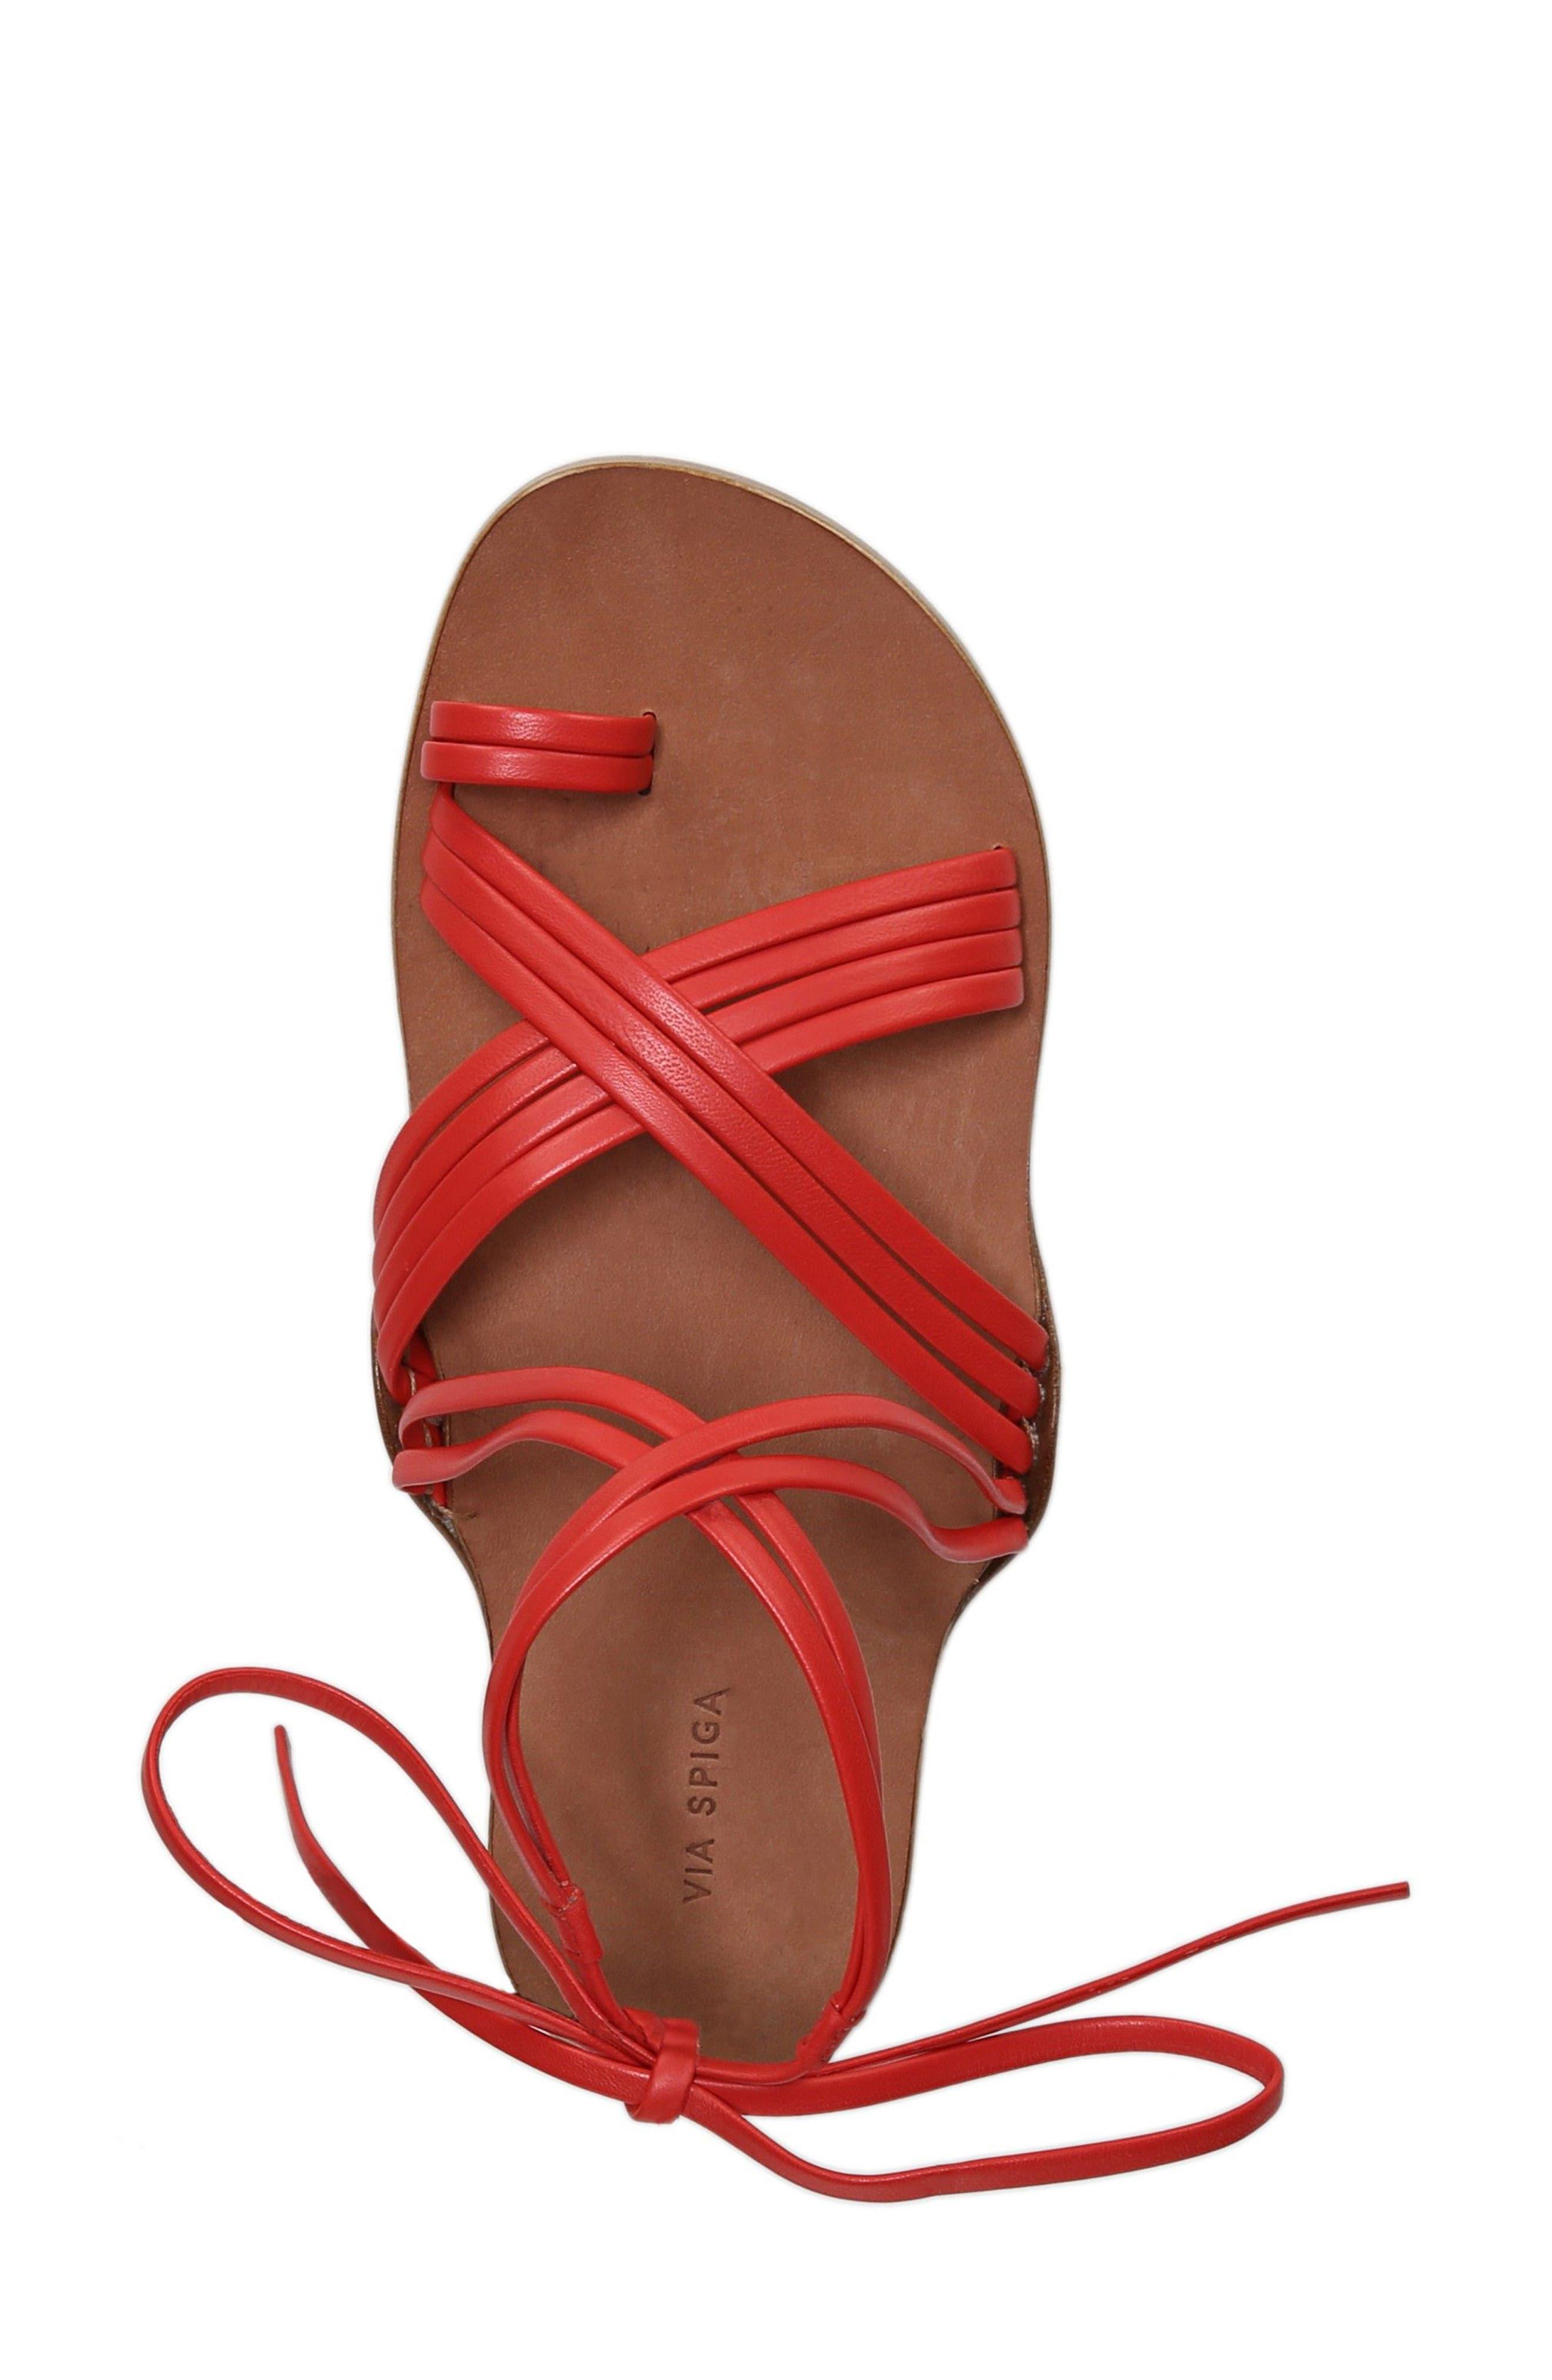 Allegra Sandal,                             Alternate thumbnail 5, color,                             Poppy Red Leather